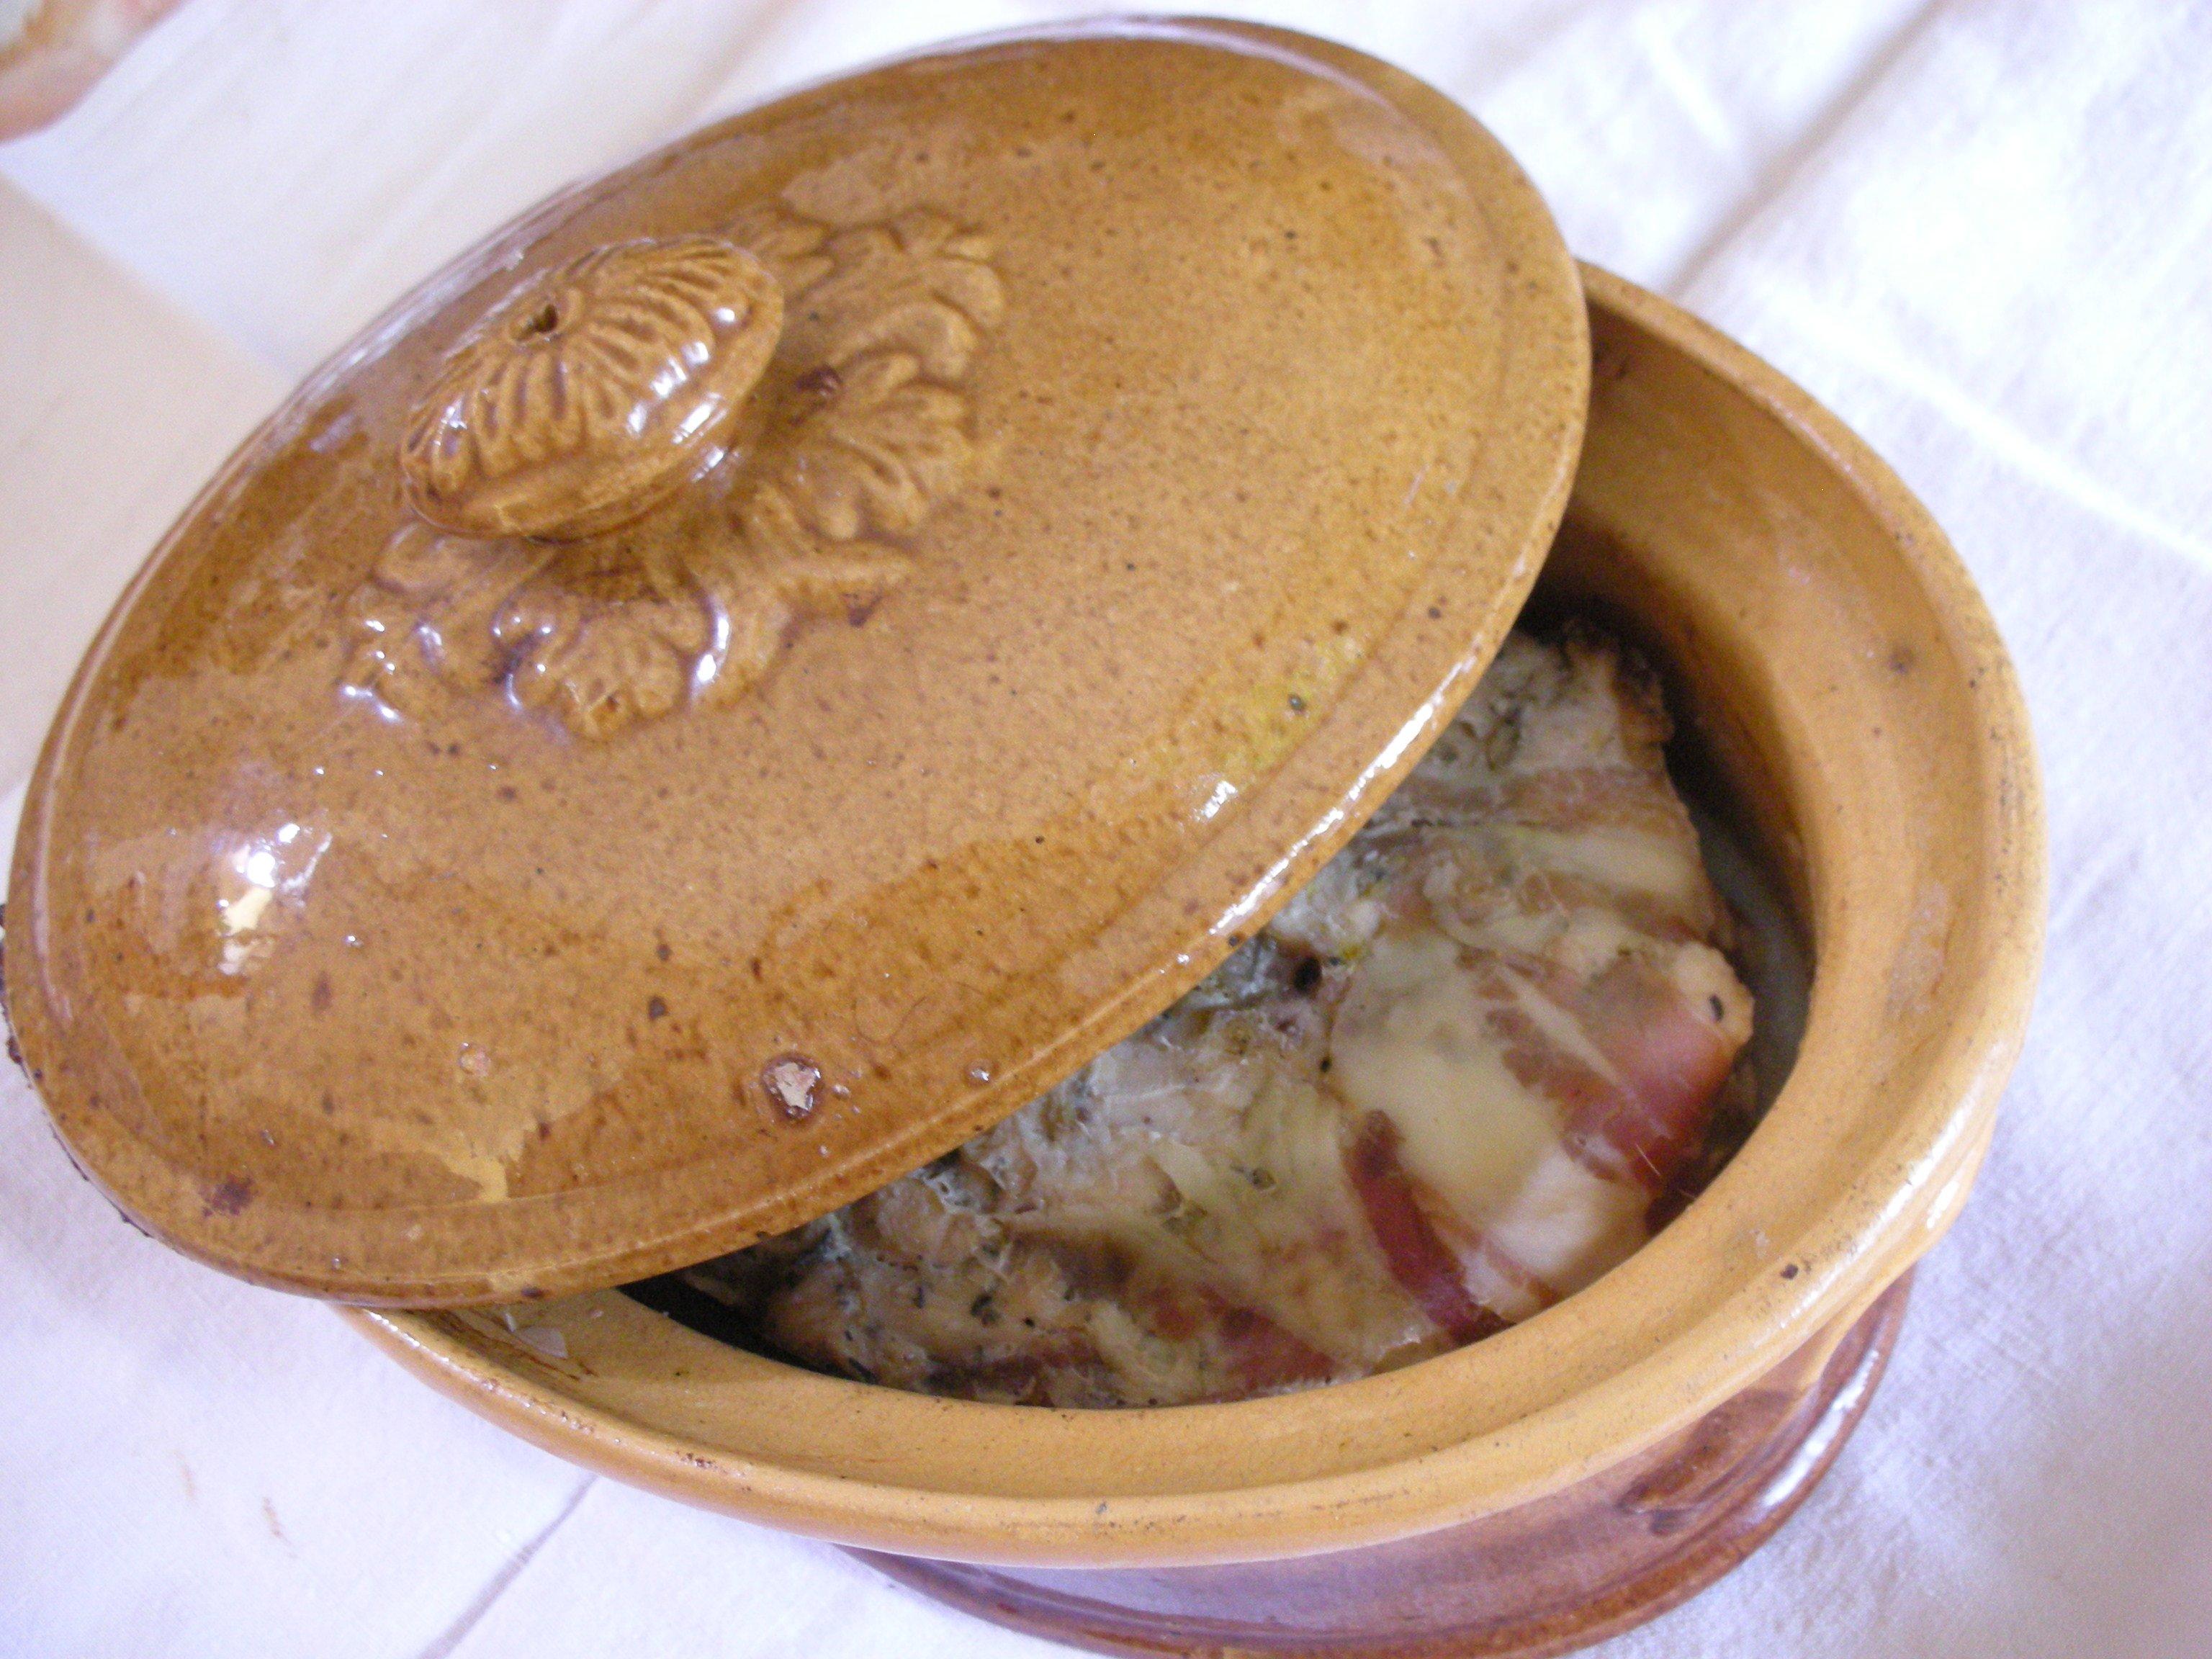 cuisine dans Miscellanees DSCN2988